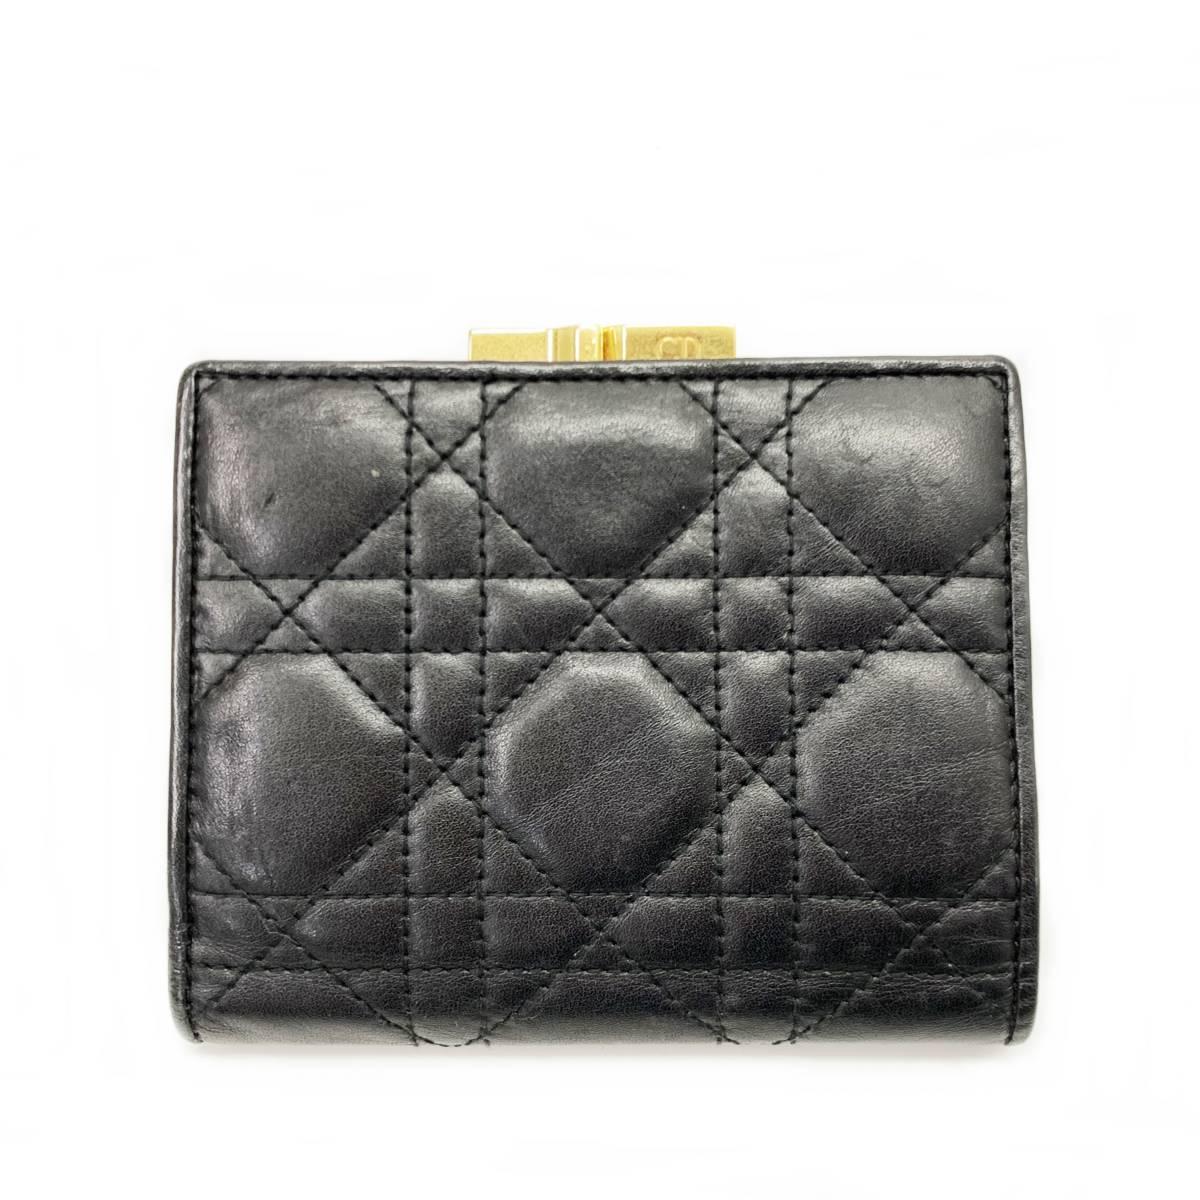 c07df89d98ab 代購代標第一品牌- 樂淘letao - Christian Dior クリスチャンディオールカナージュ二つ折りレザーがま口コンパクト財布ブラック